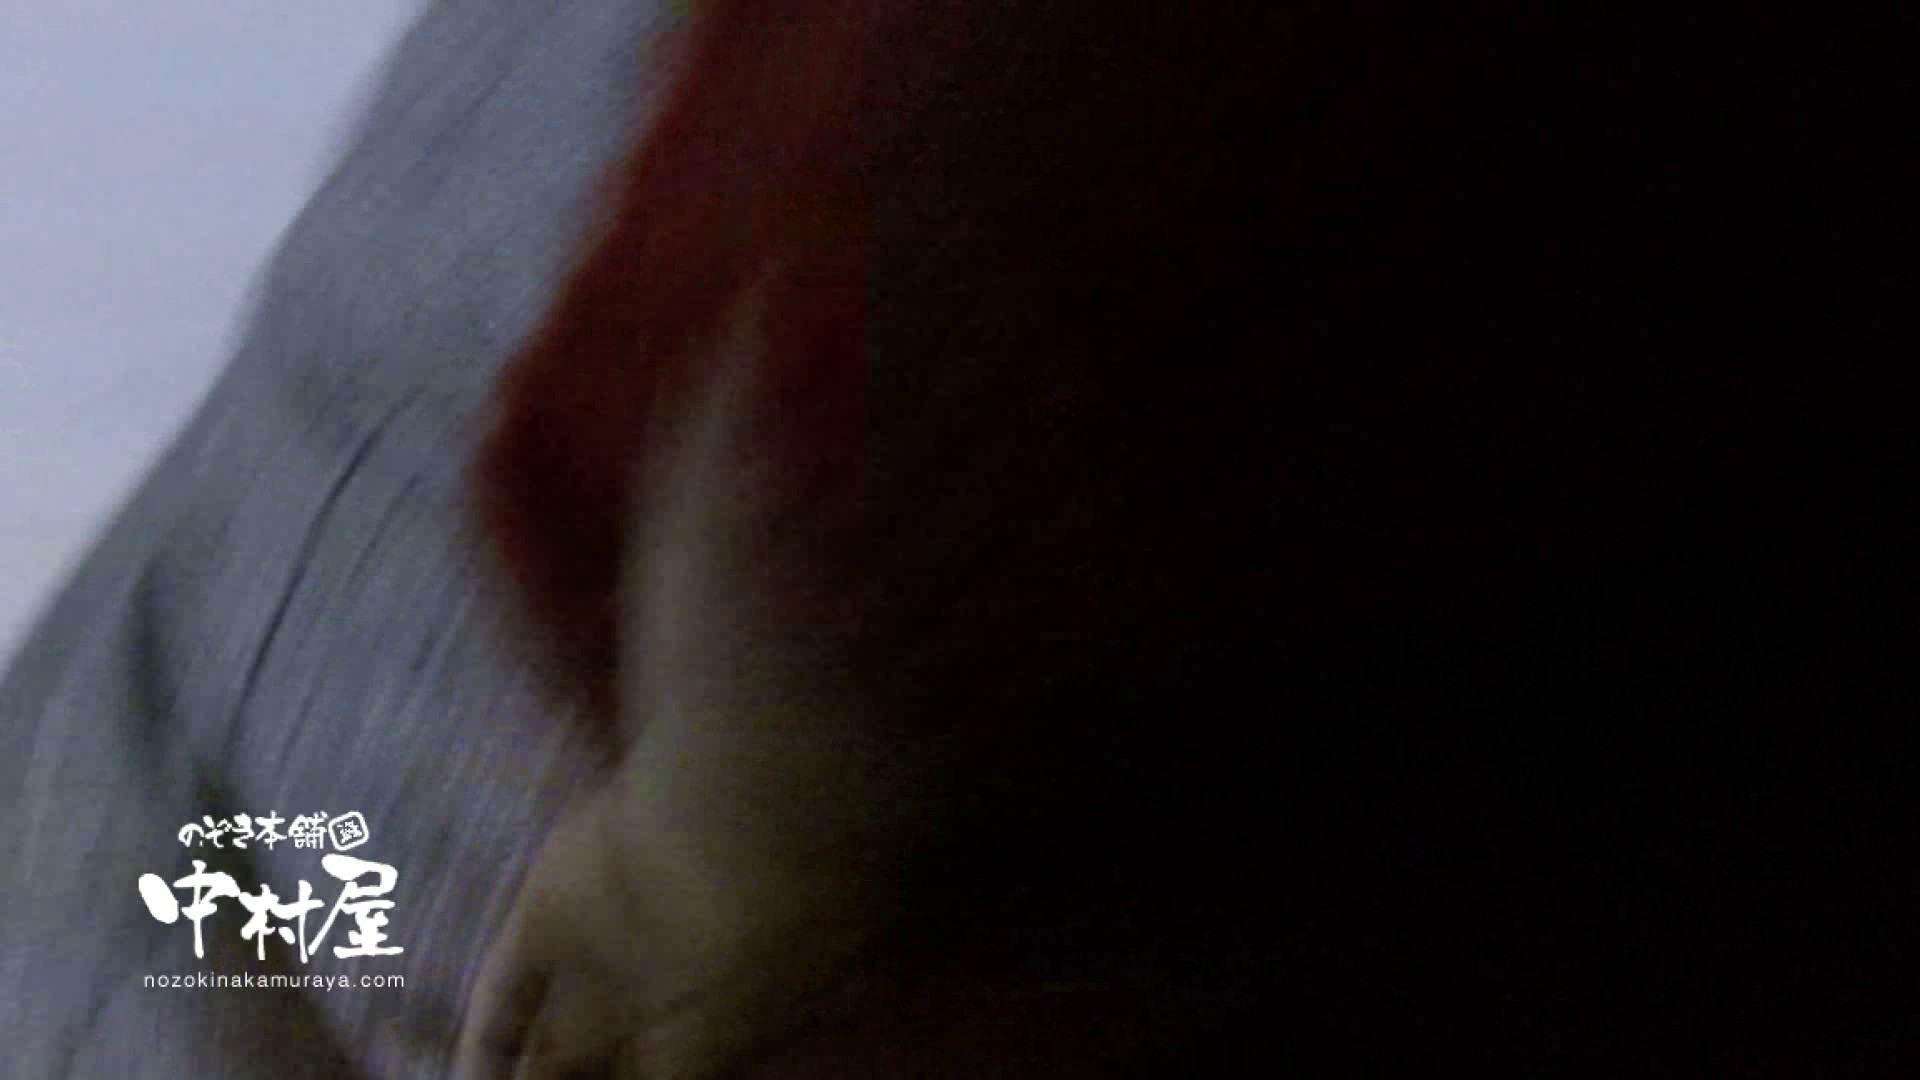 鬼畜 vol.02 もうやめて! 後編 エッチなセックス   エロティックなOL  81画像 52